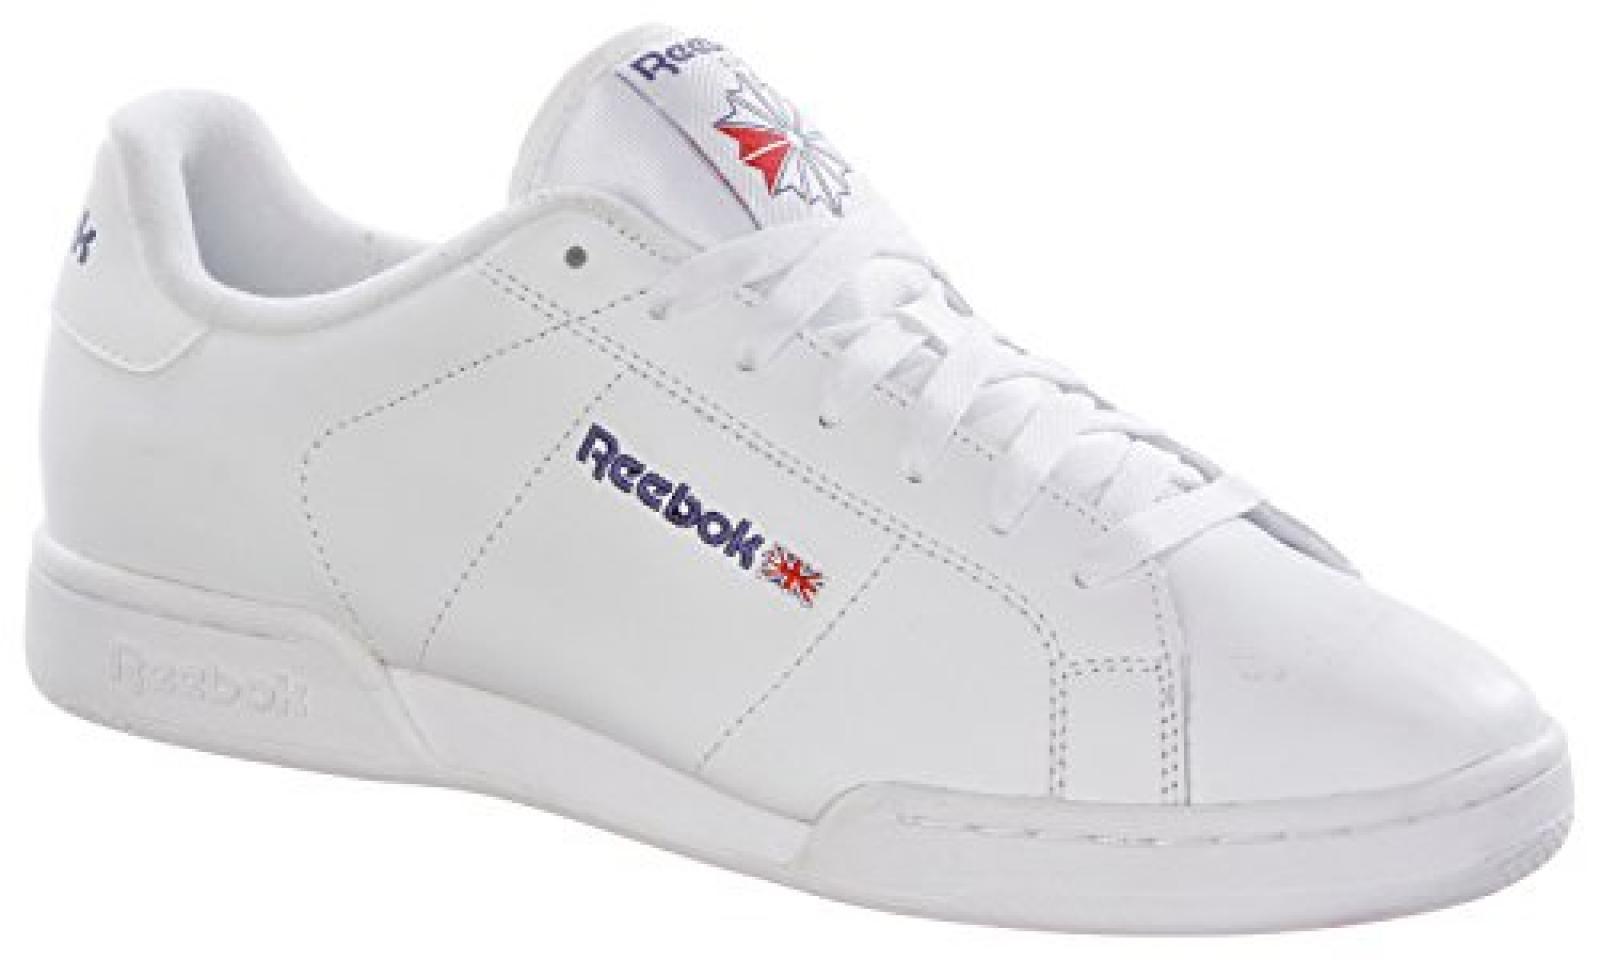 Reebok NPC II Unisex-Erwachsene Sneakers